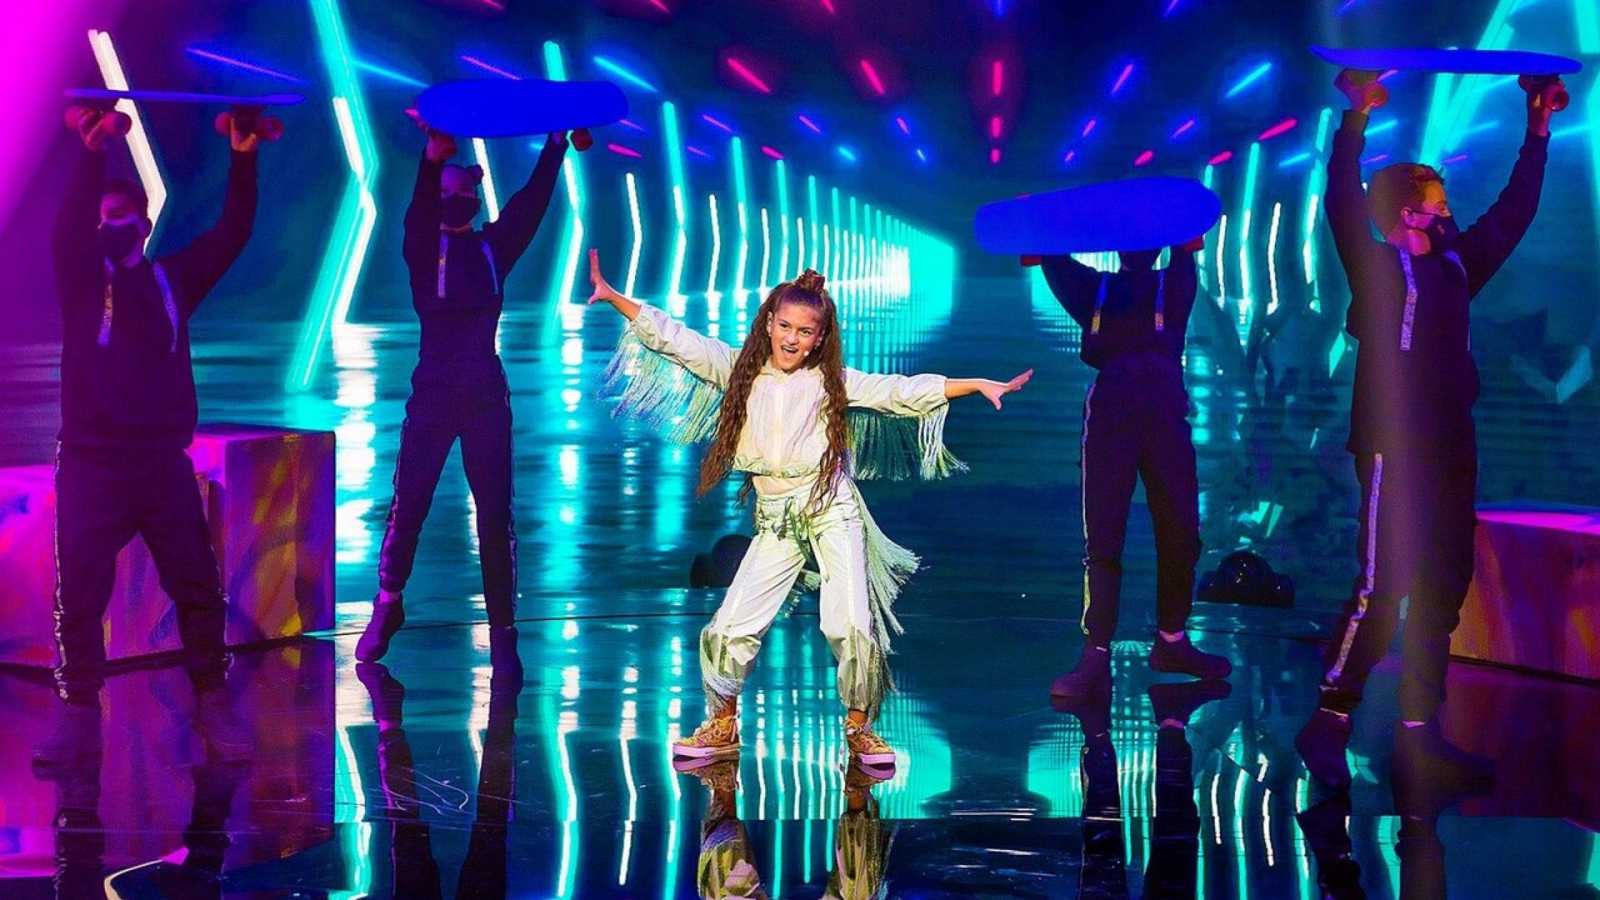 20 horas informativos Fin de semana - Soleá consigue el tercer puesto en Eurovisión Junior, Francia la ganadora - Escuchar ahora